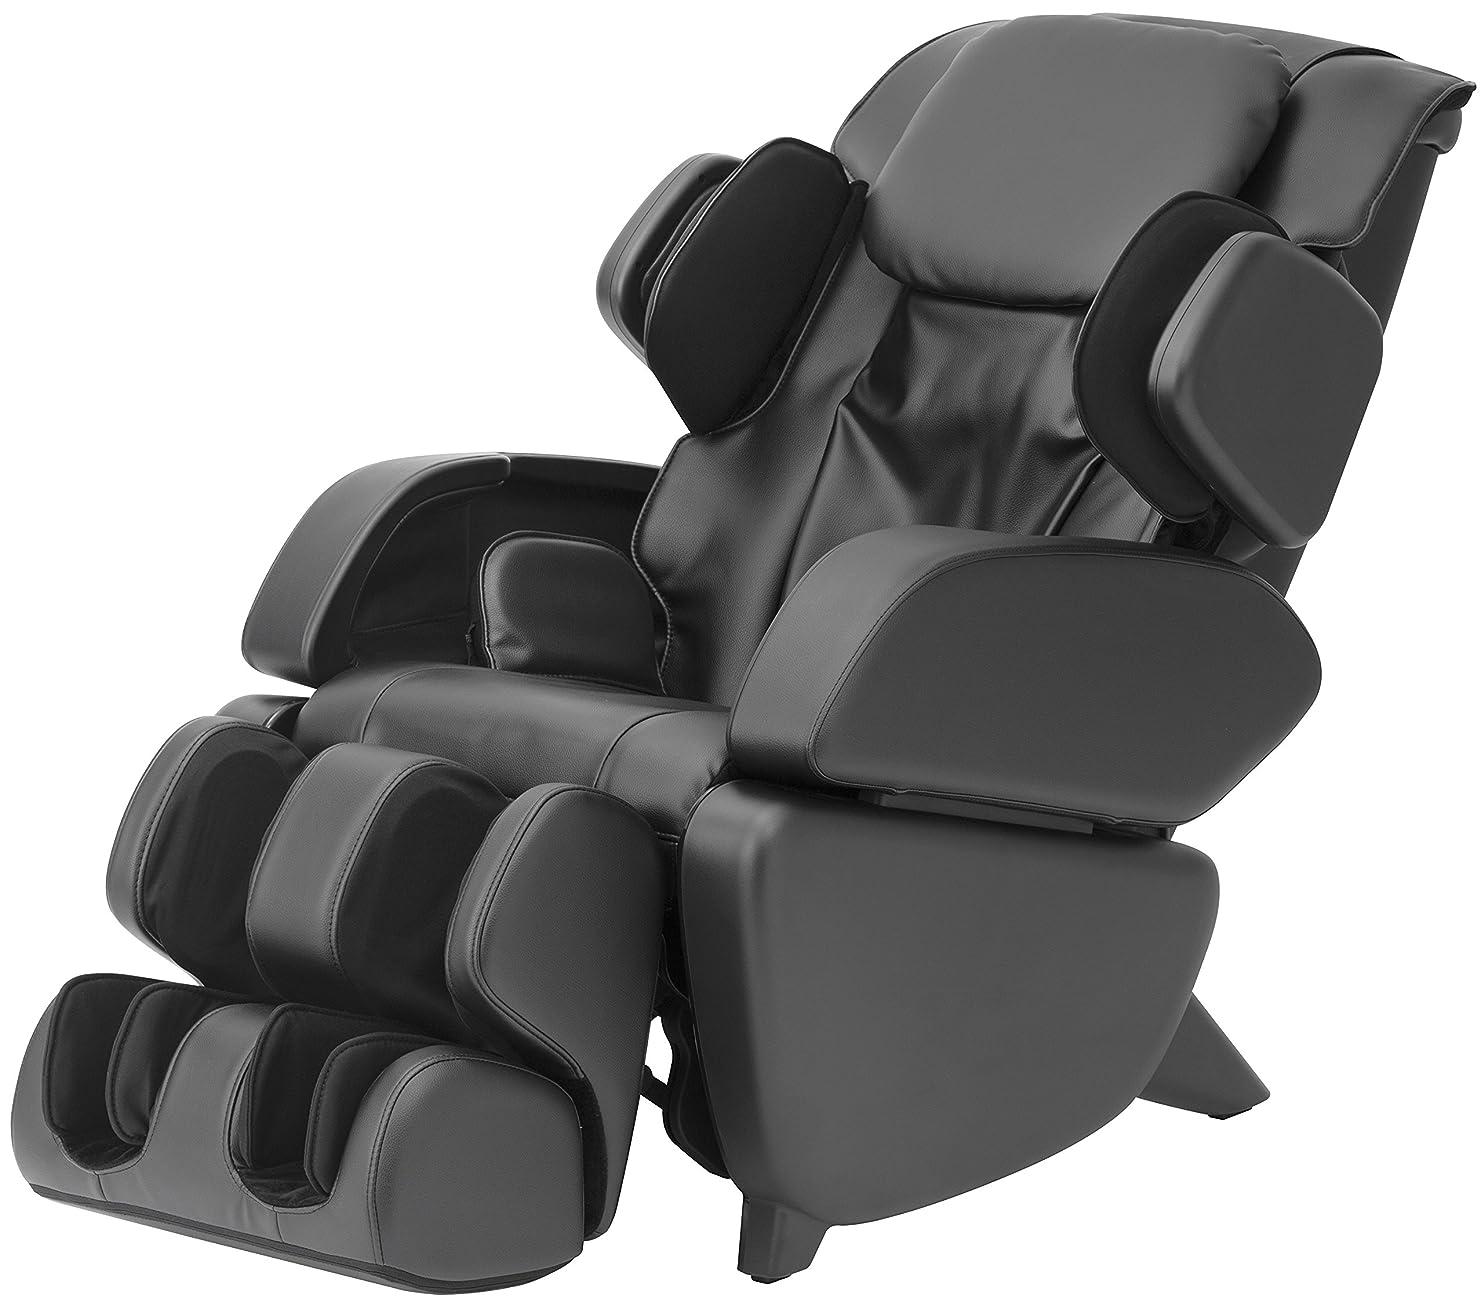 戦争哺乳類じゃないスライヴ マッサージチェア くつろぎ指定席 「つかみもみ?エアーマッサージ機能搭載」 通販限定モデル ブラック CHD-9004-S(K)